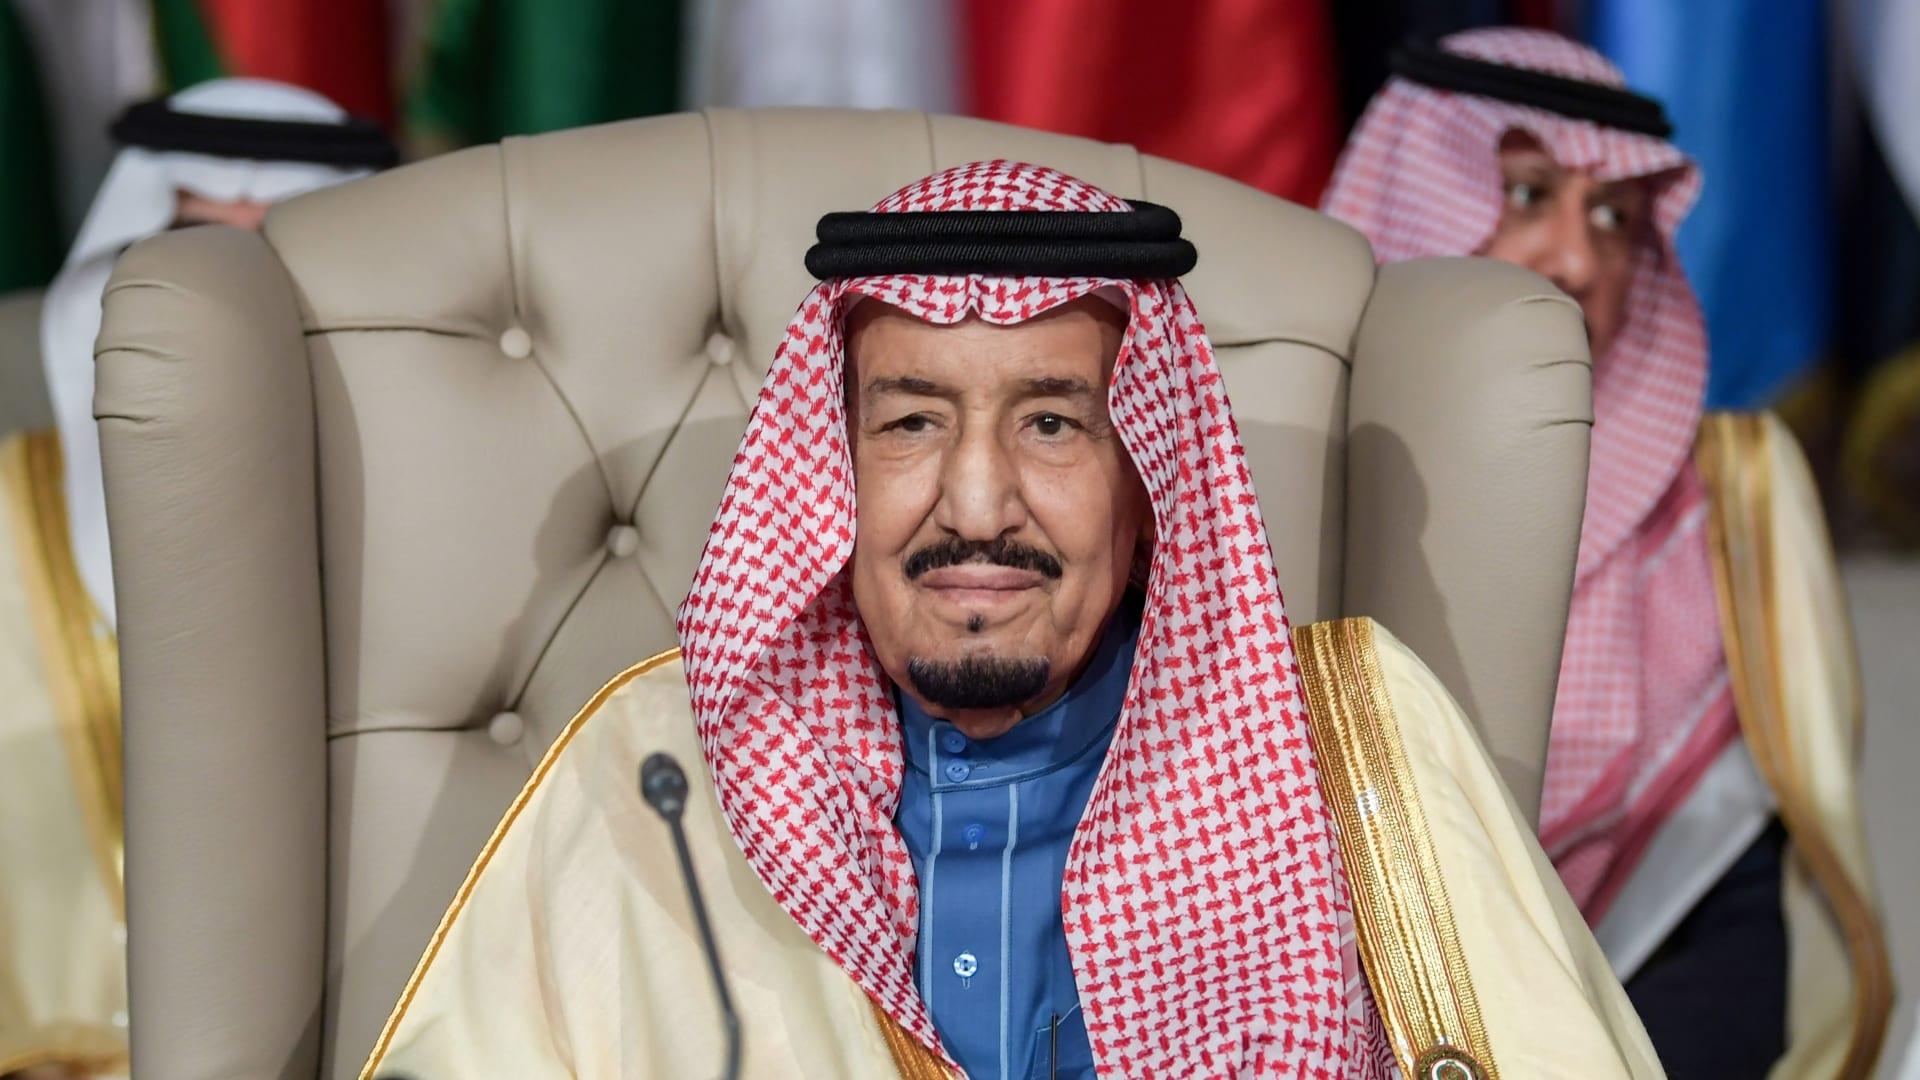 وسط أزمة تفشي فيروس كورونا.. شاهد ما تقوم به دول عربية لمكافحتها